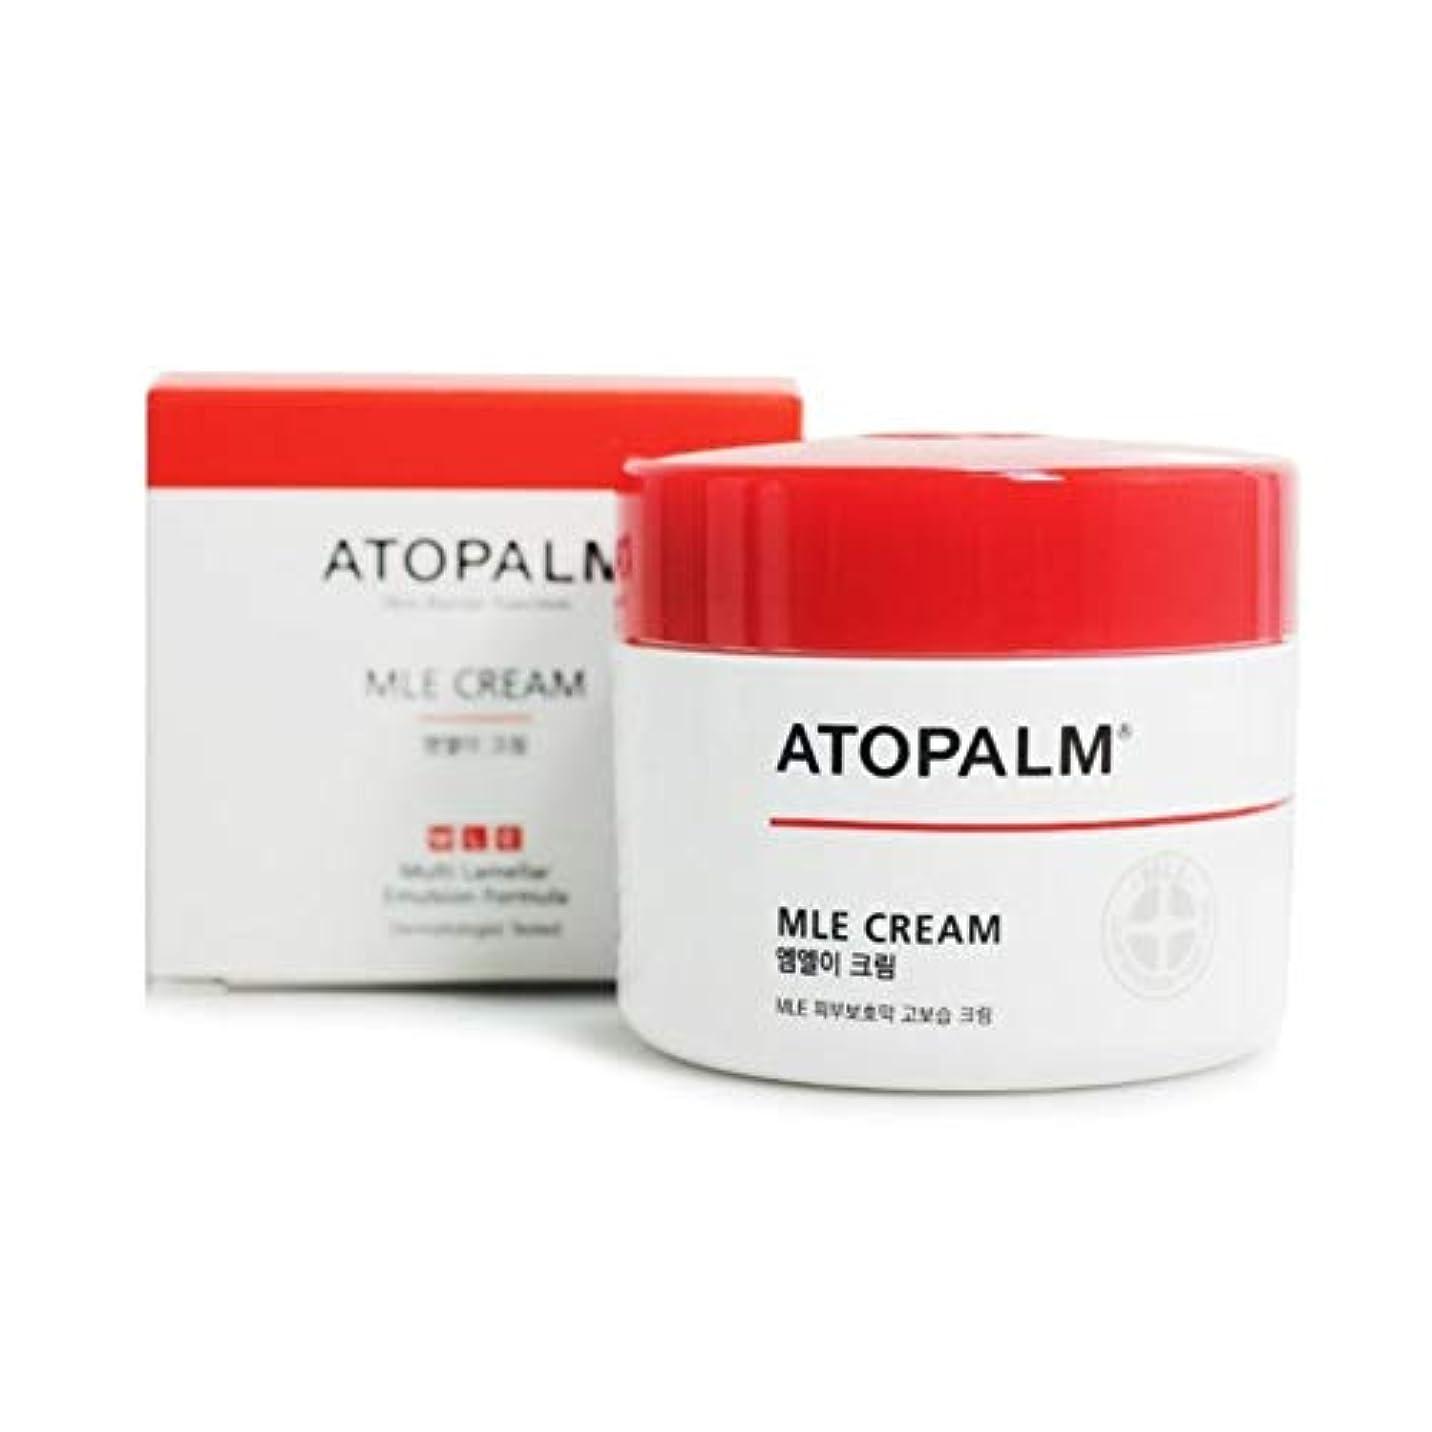 懲戒生活息子アトパムMLEクリーム160mlベビークリーム韓国コスメ、Atopalm MLE Cream 160ml Baby Cream Korean Cosmetics [並行輸入品]